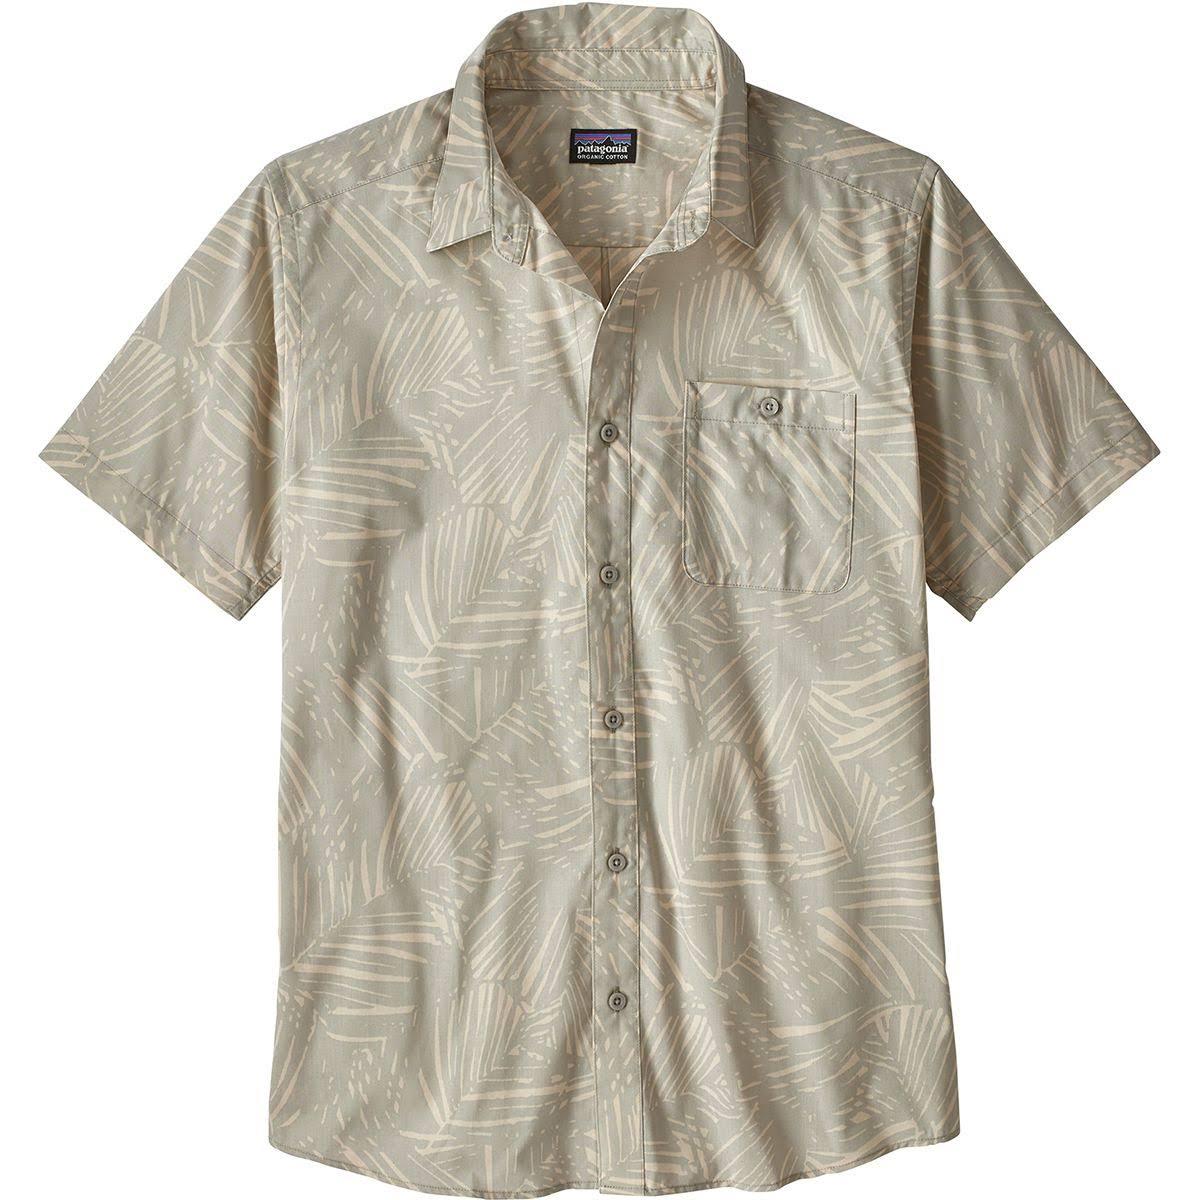 Camisa Hombre M Gris Patagonia De 52691 rzwq7Trg